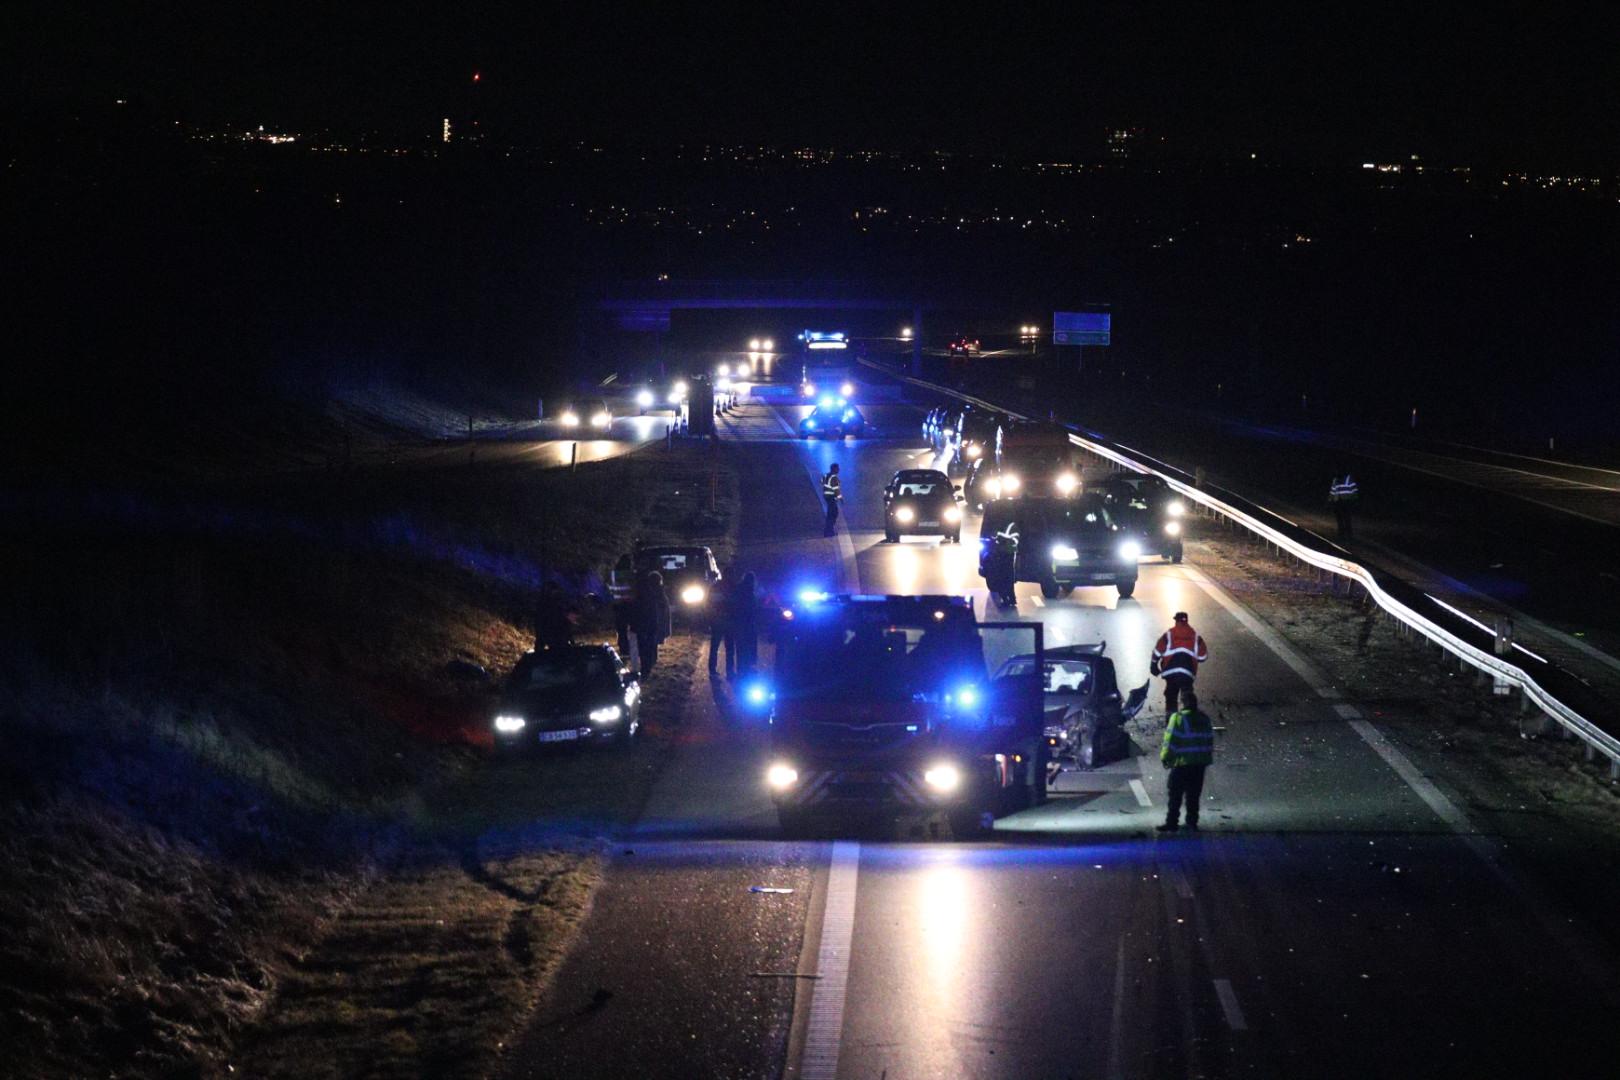 Flere biler i uheld på Djurslandsmotorvejen